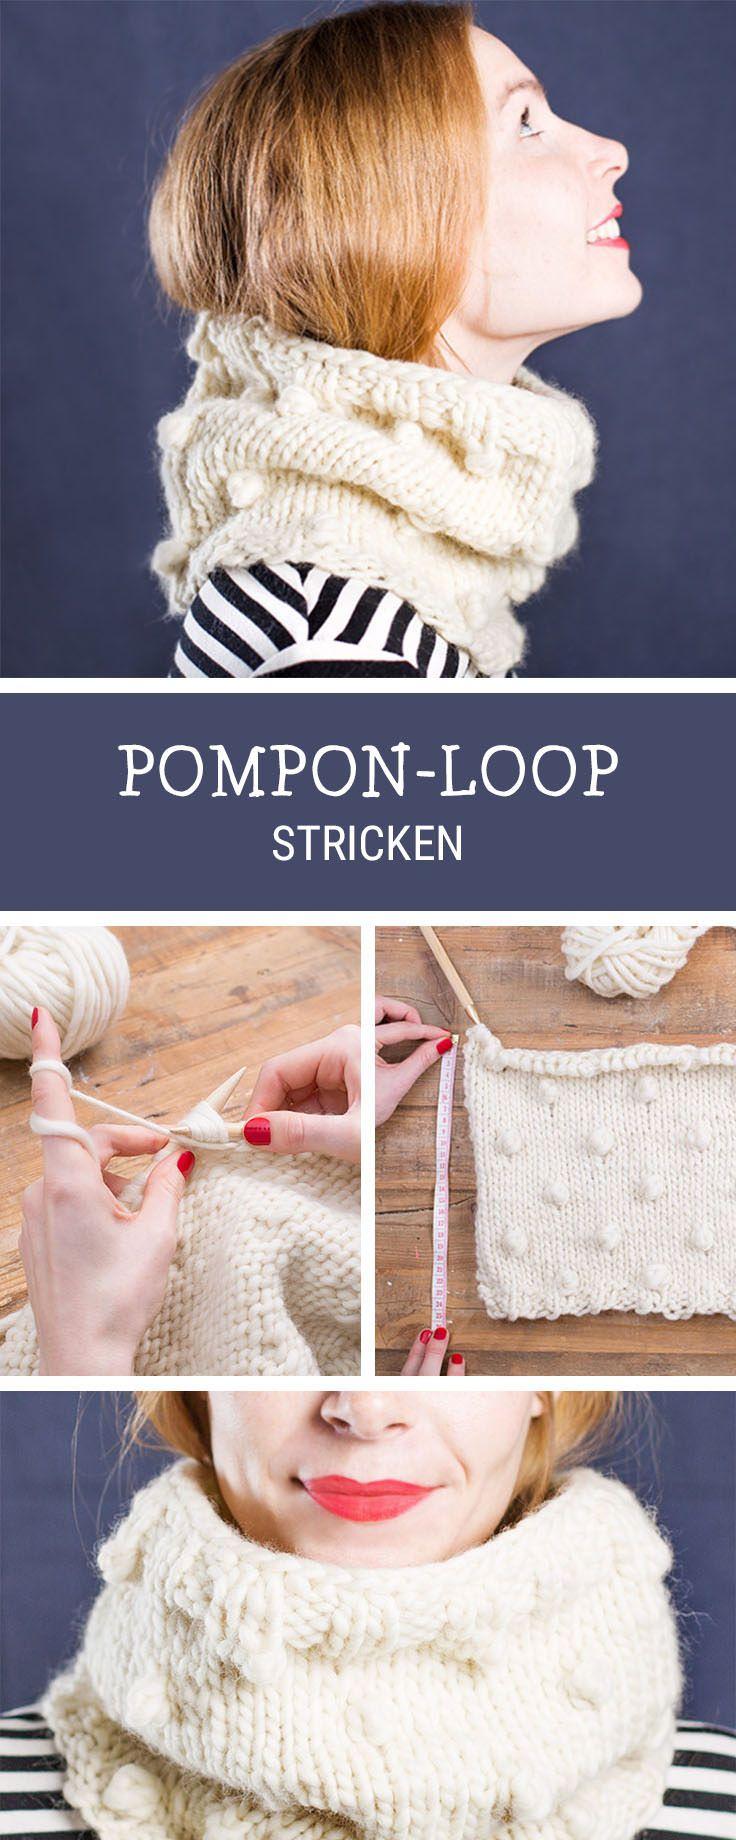 Einfache Strickanleitung für einen kuscheligen Loop-Schal mit PomPom-Muster, Strickanfänger / beginners knitting pattern for a loop with pompon pattern via DaWanda.com